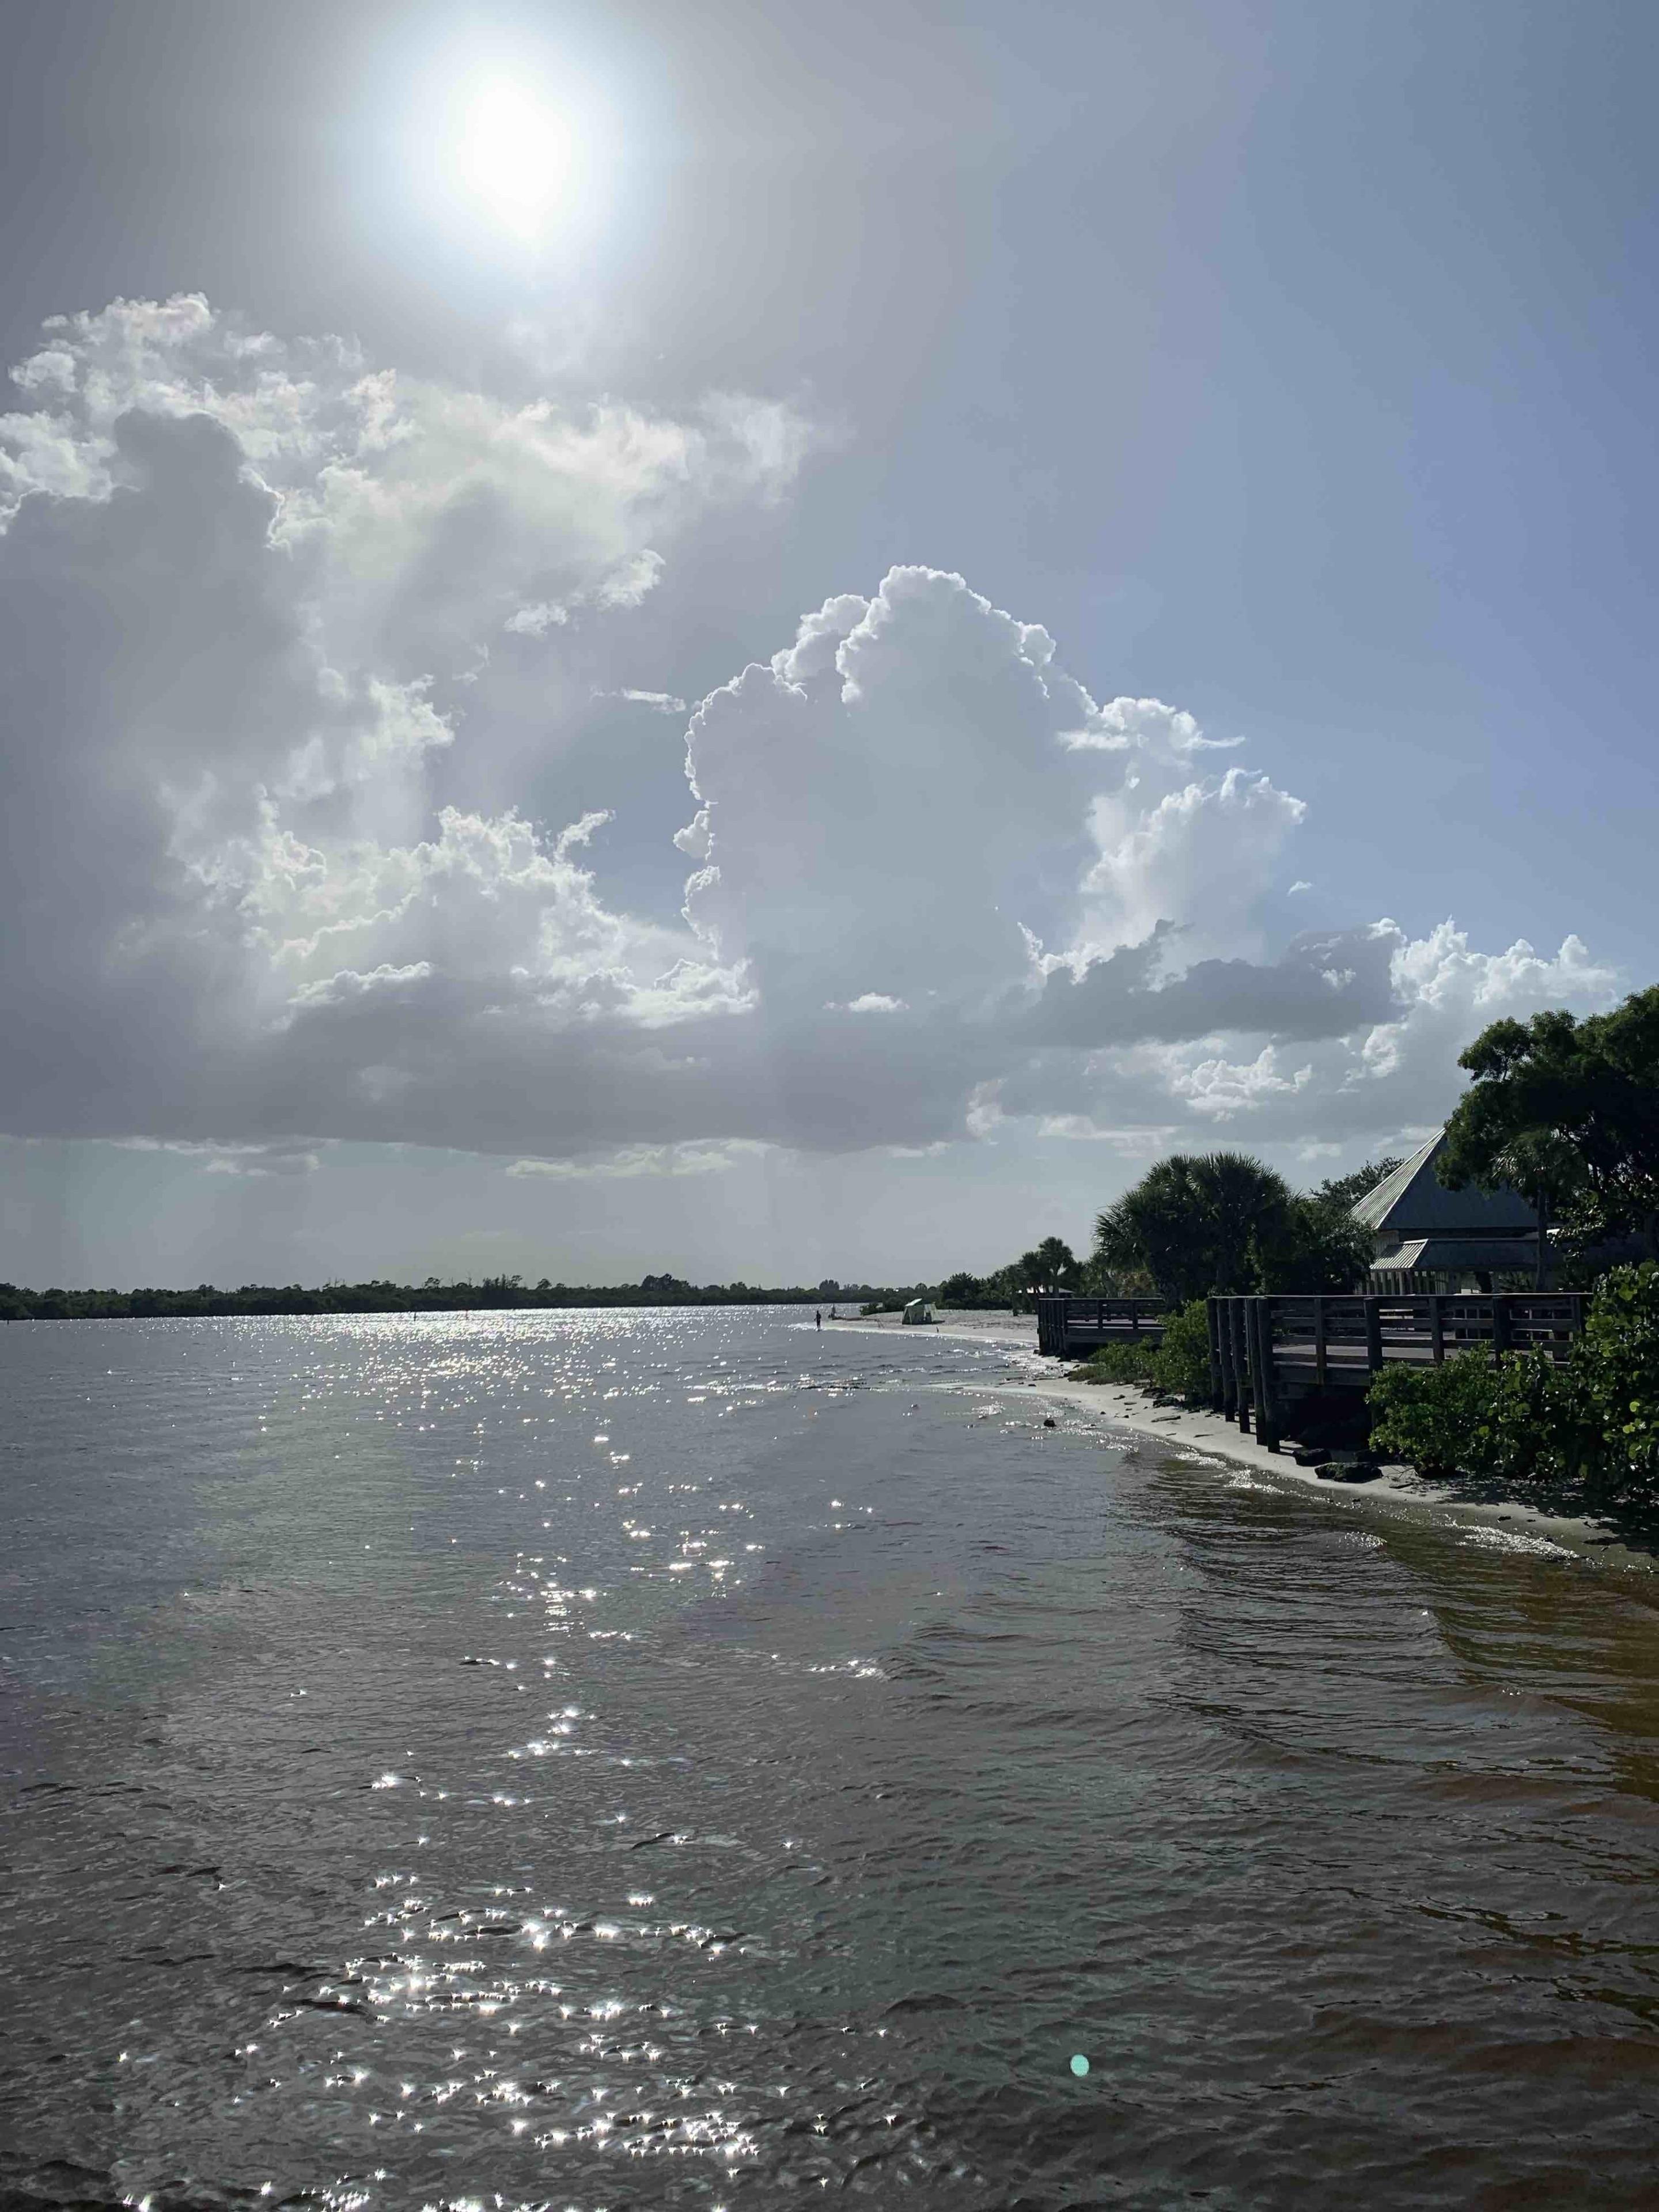 Port Charlotte Beach Park, Port Charlotte, Florida, USA